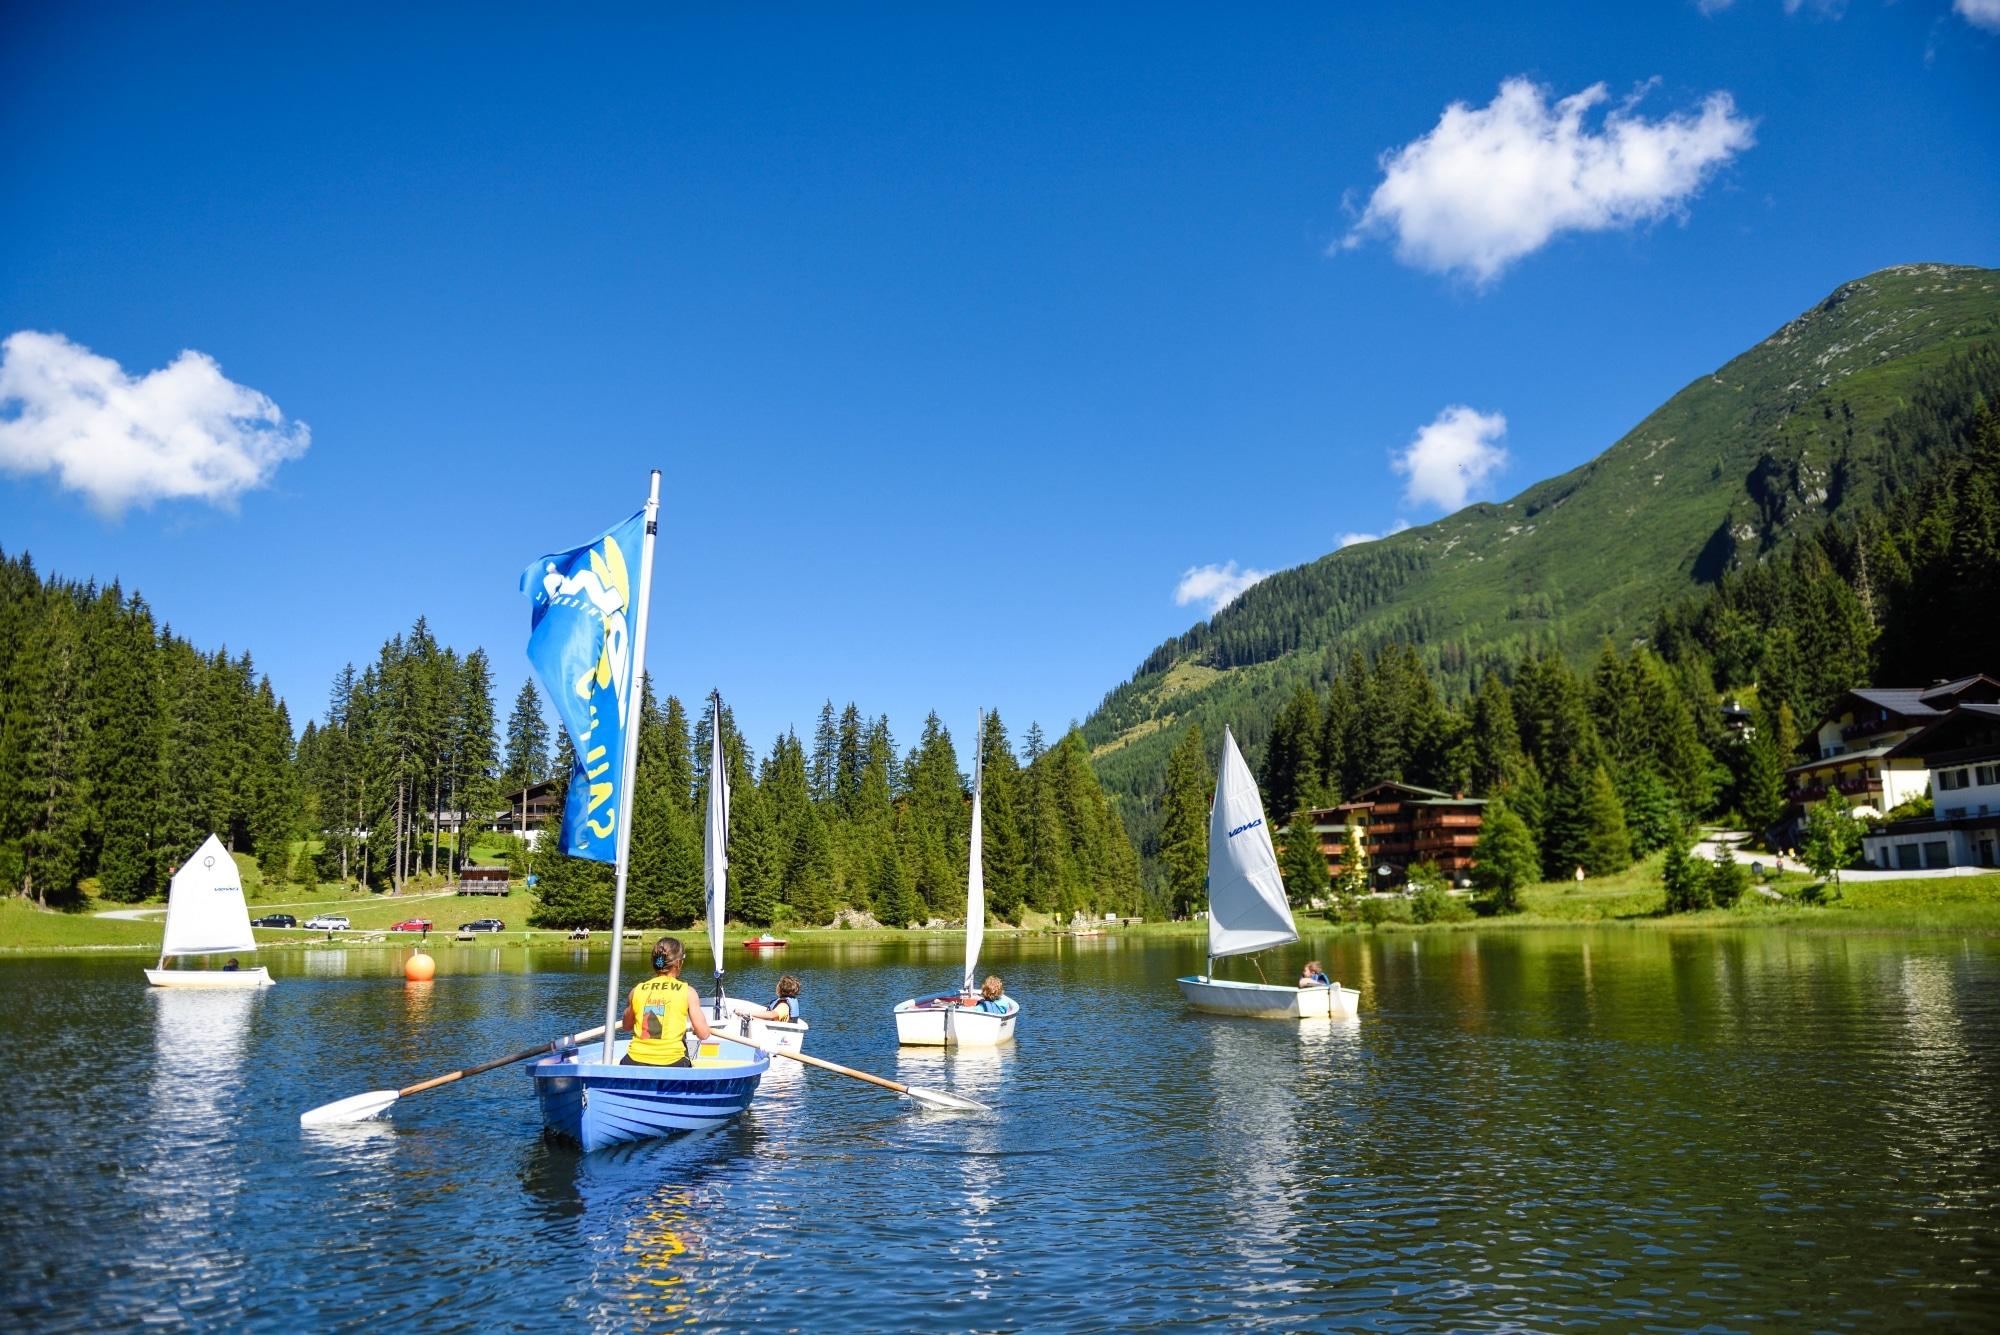 Segelbootfahren auf dem Zauchensee im Sommer